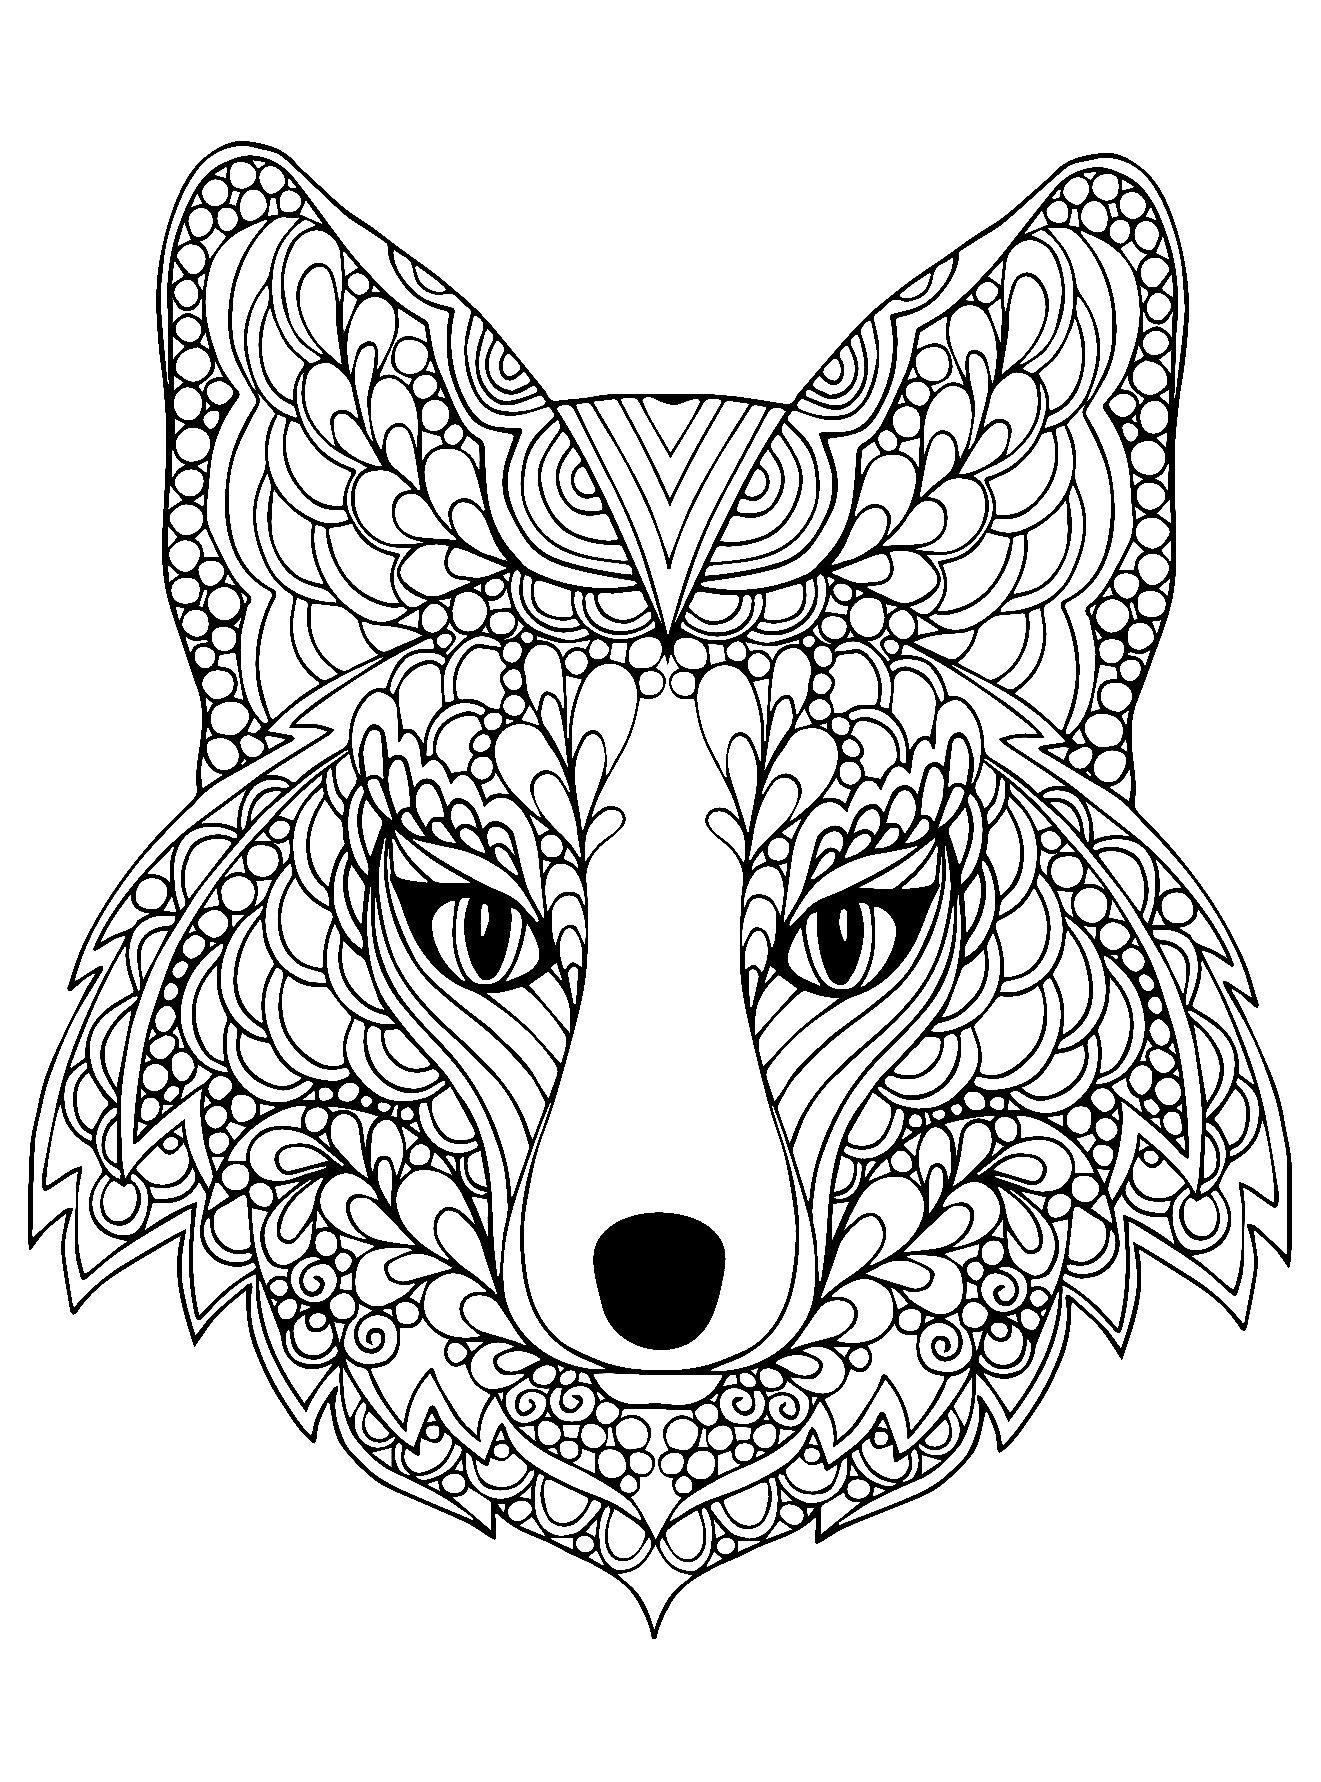 Coloriage imprimer mandala difficile chien joli coloriage d une t te de renard drawings - Coloriage renard a imprimer gratuit ...